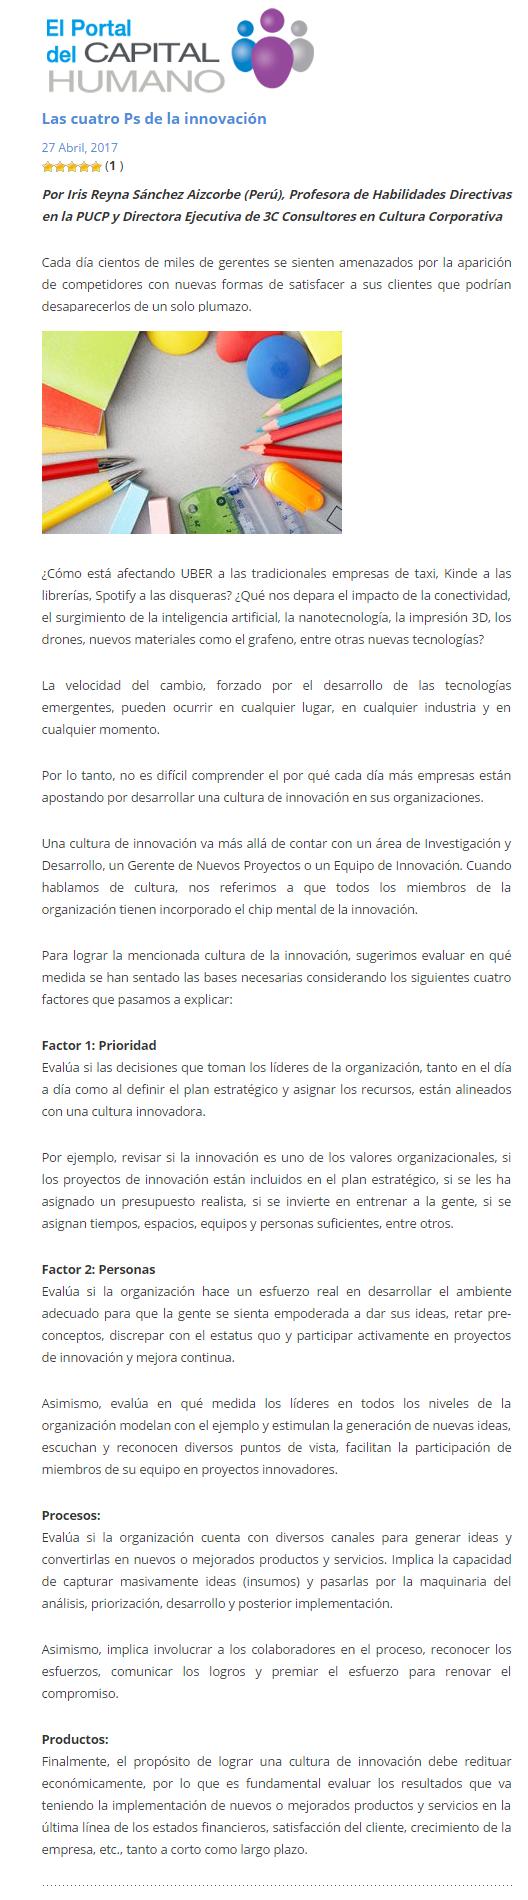 1 Las cuatro Ps de la innovación   Recursos Humanos  el portal del Capital Humano   Guia empresas recursos humanos peru